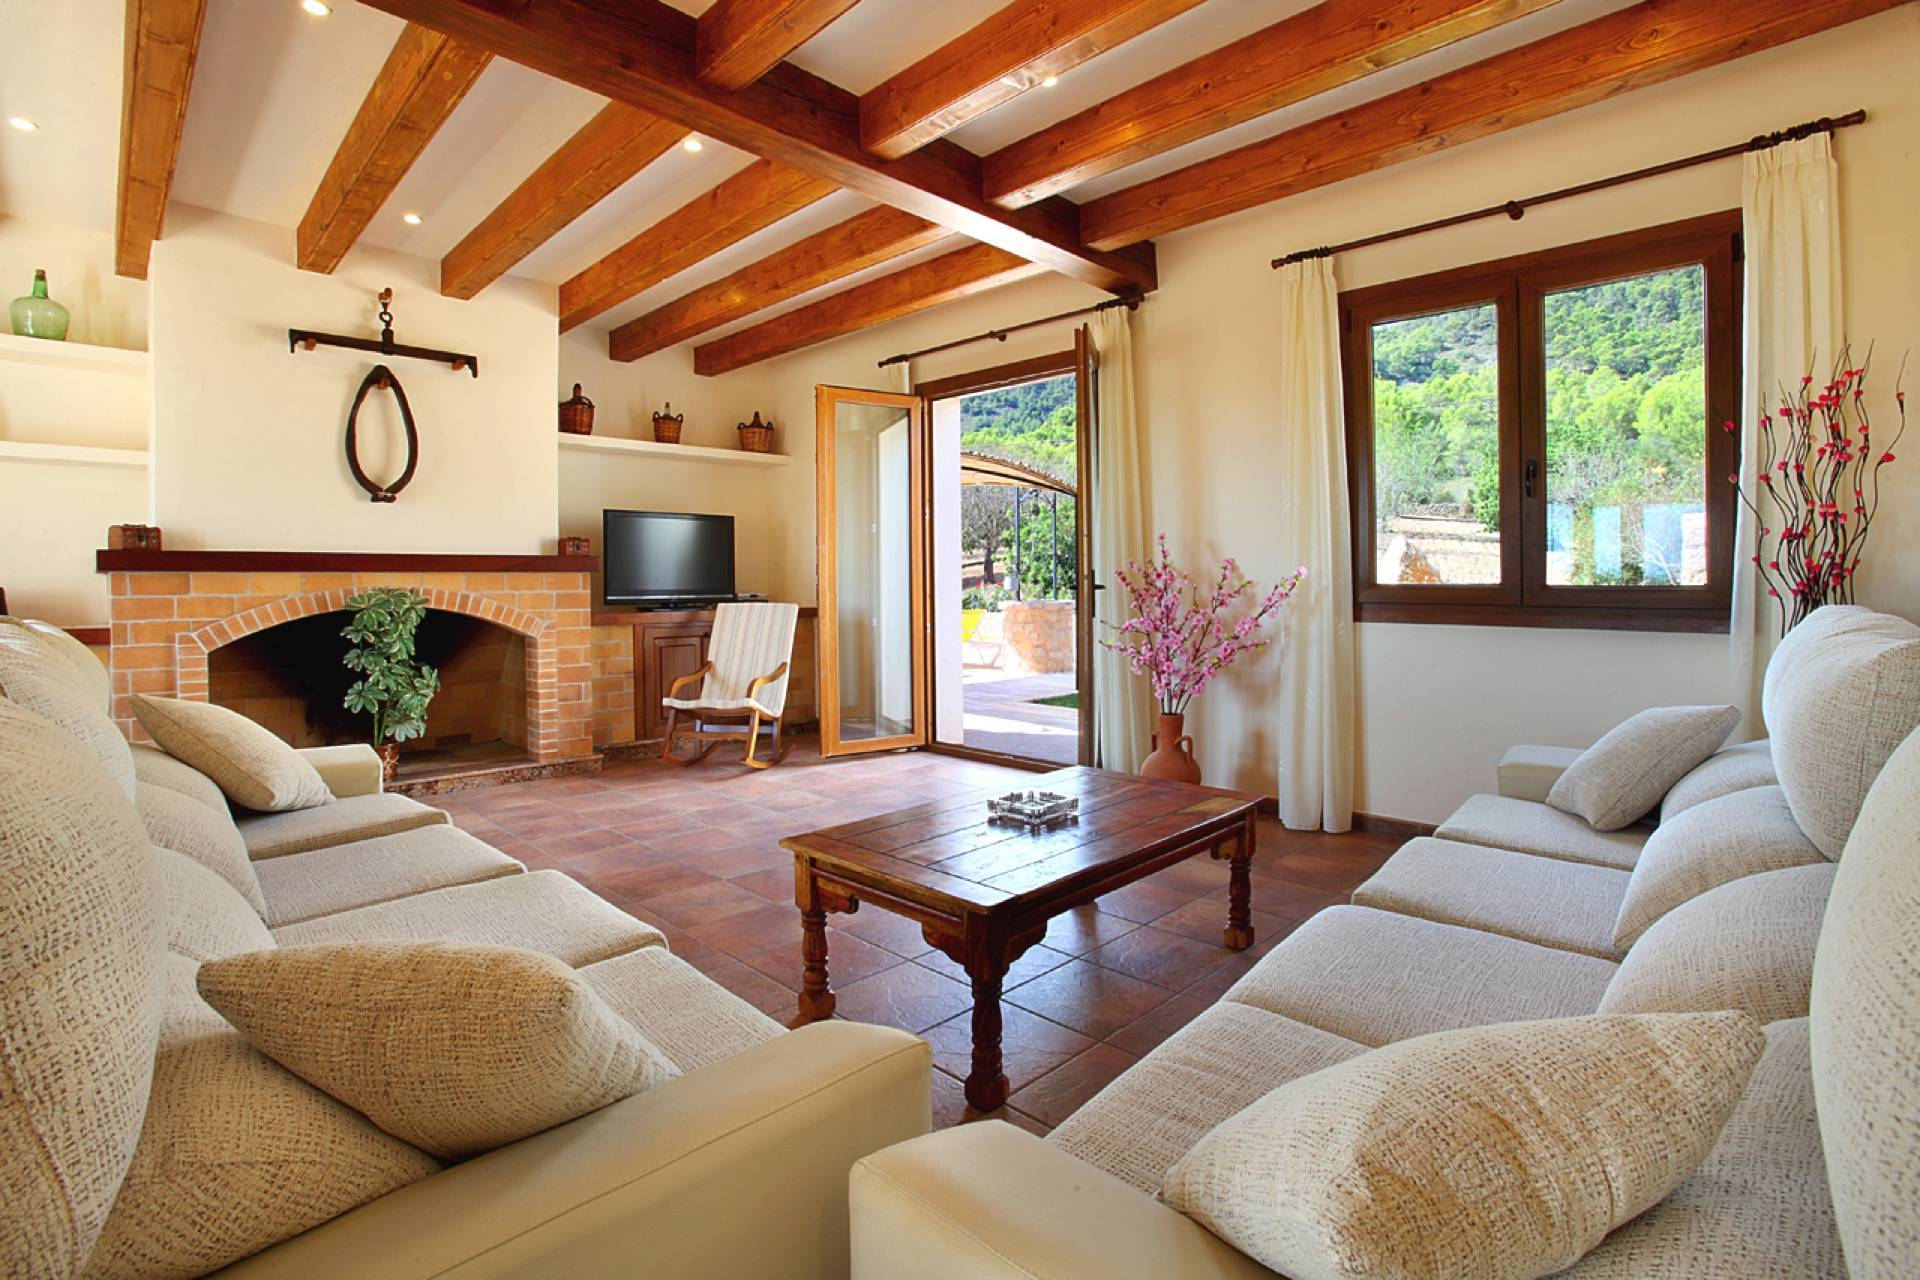 01-159 Ländliches Ferienhaus Mallorca Osten Bild 22